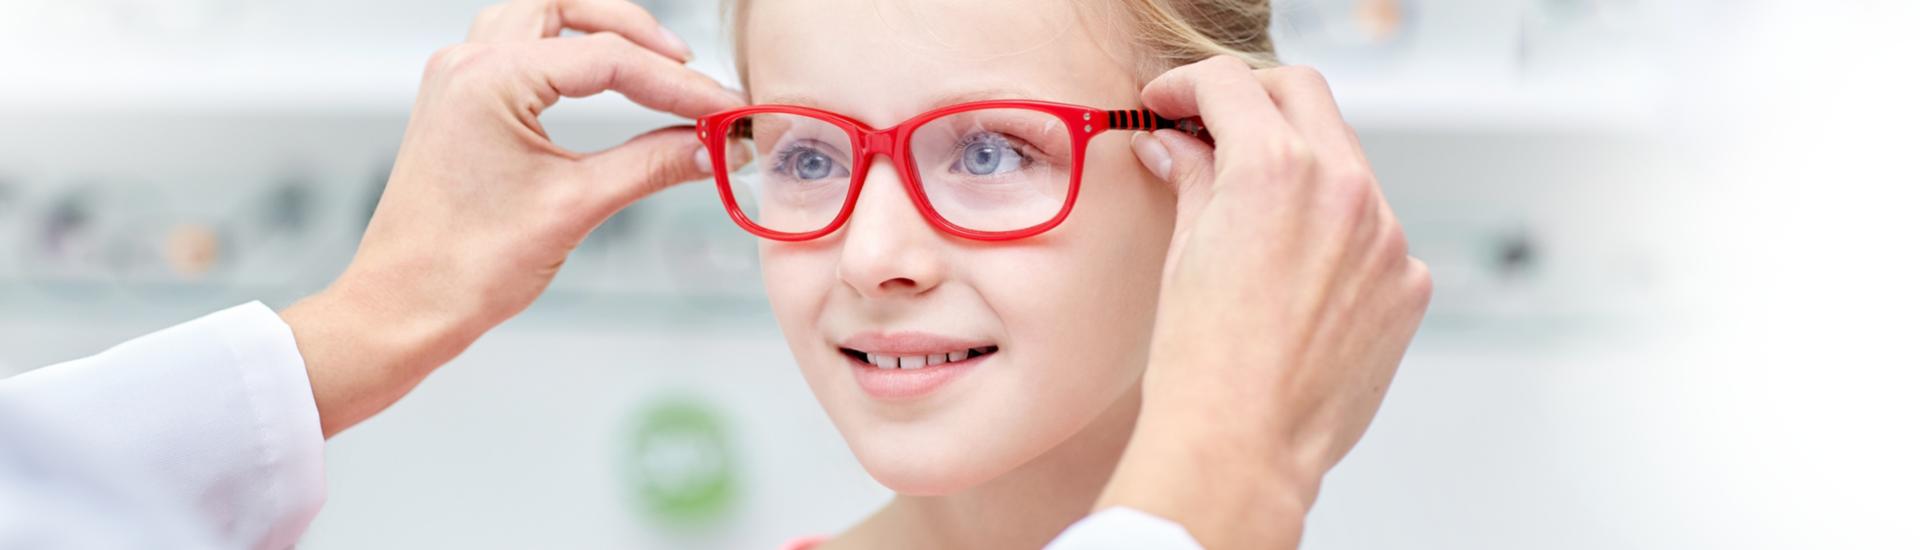 Как да защитим детските очи?